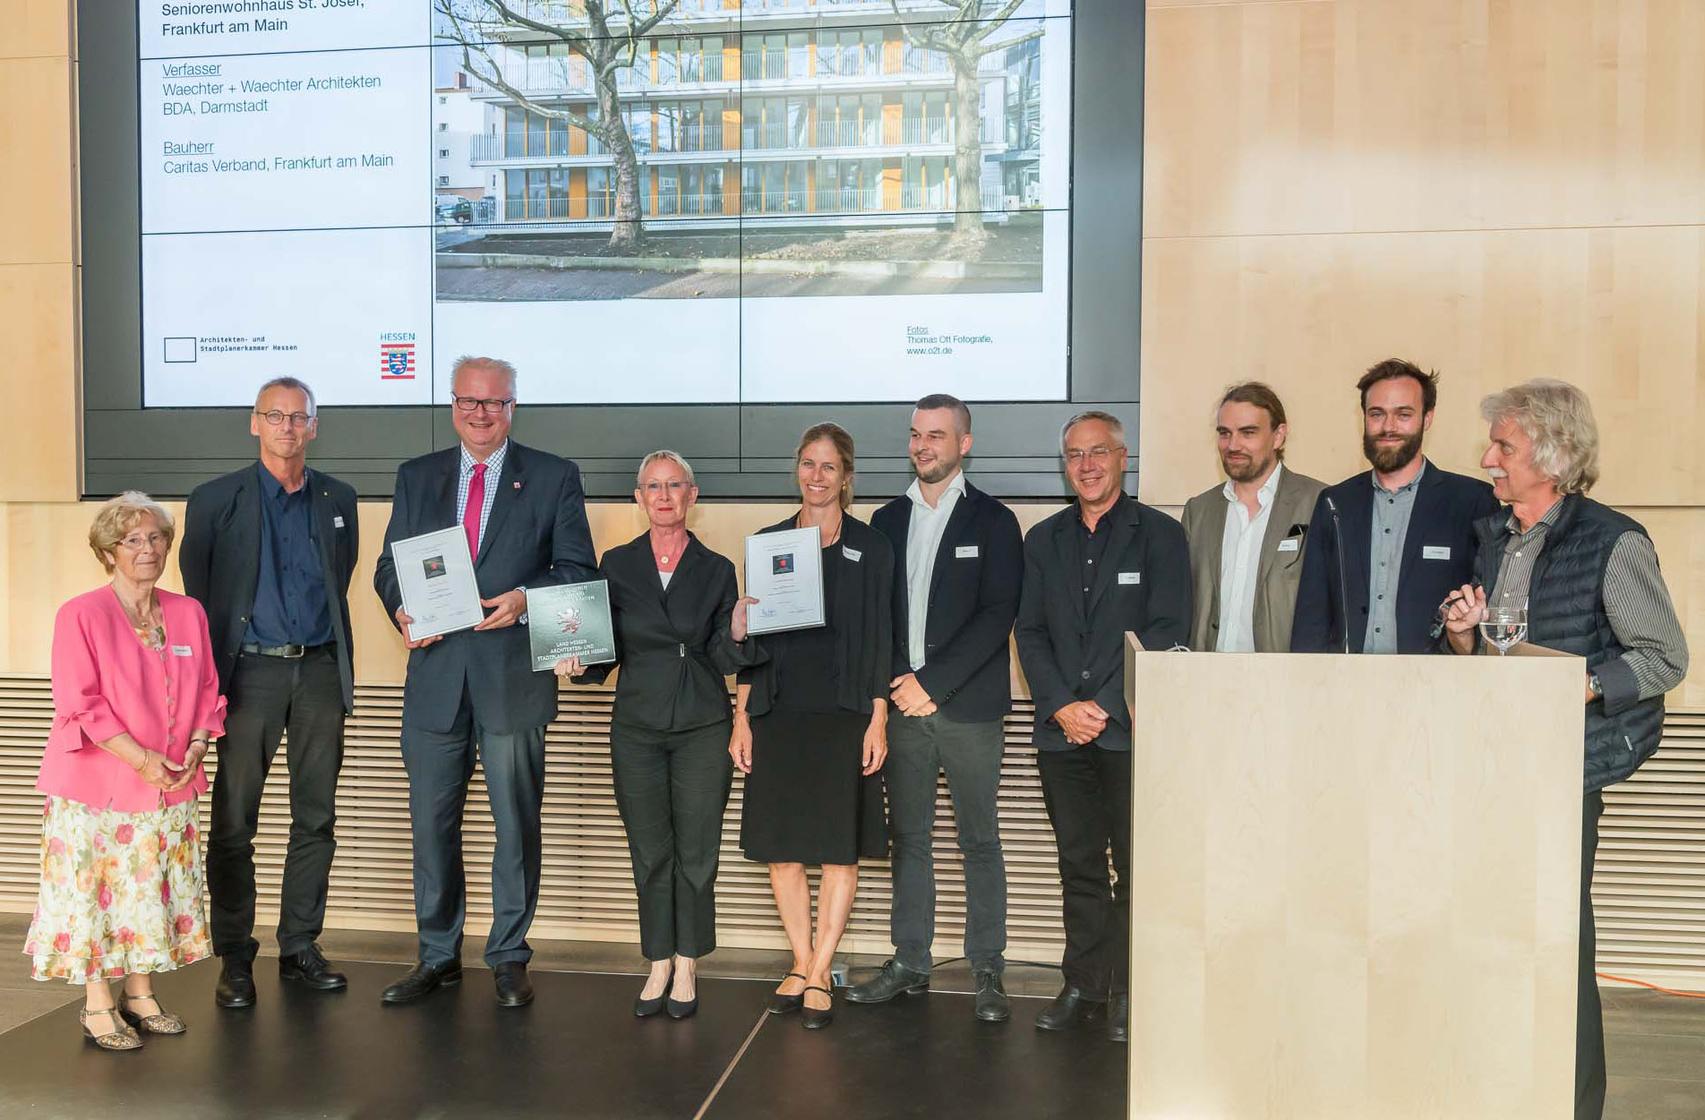 Preisverleihung Vorbildliche Bauten 2017_Seniorenwohnhaus St. Josef